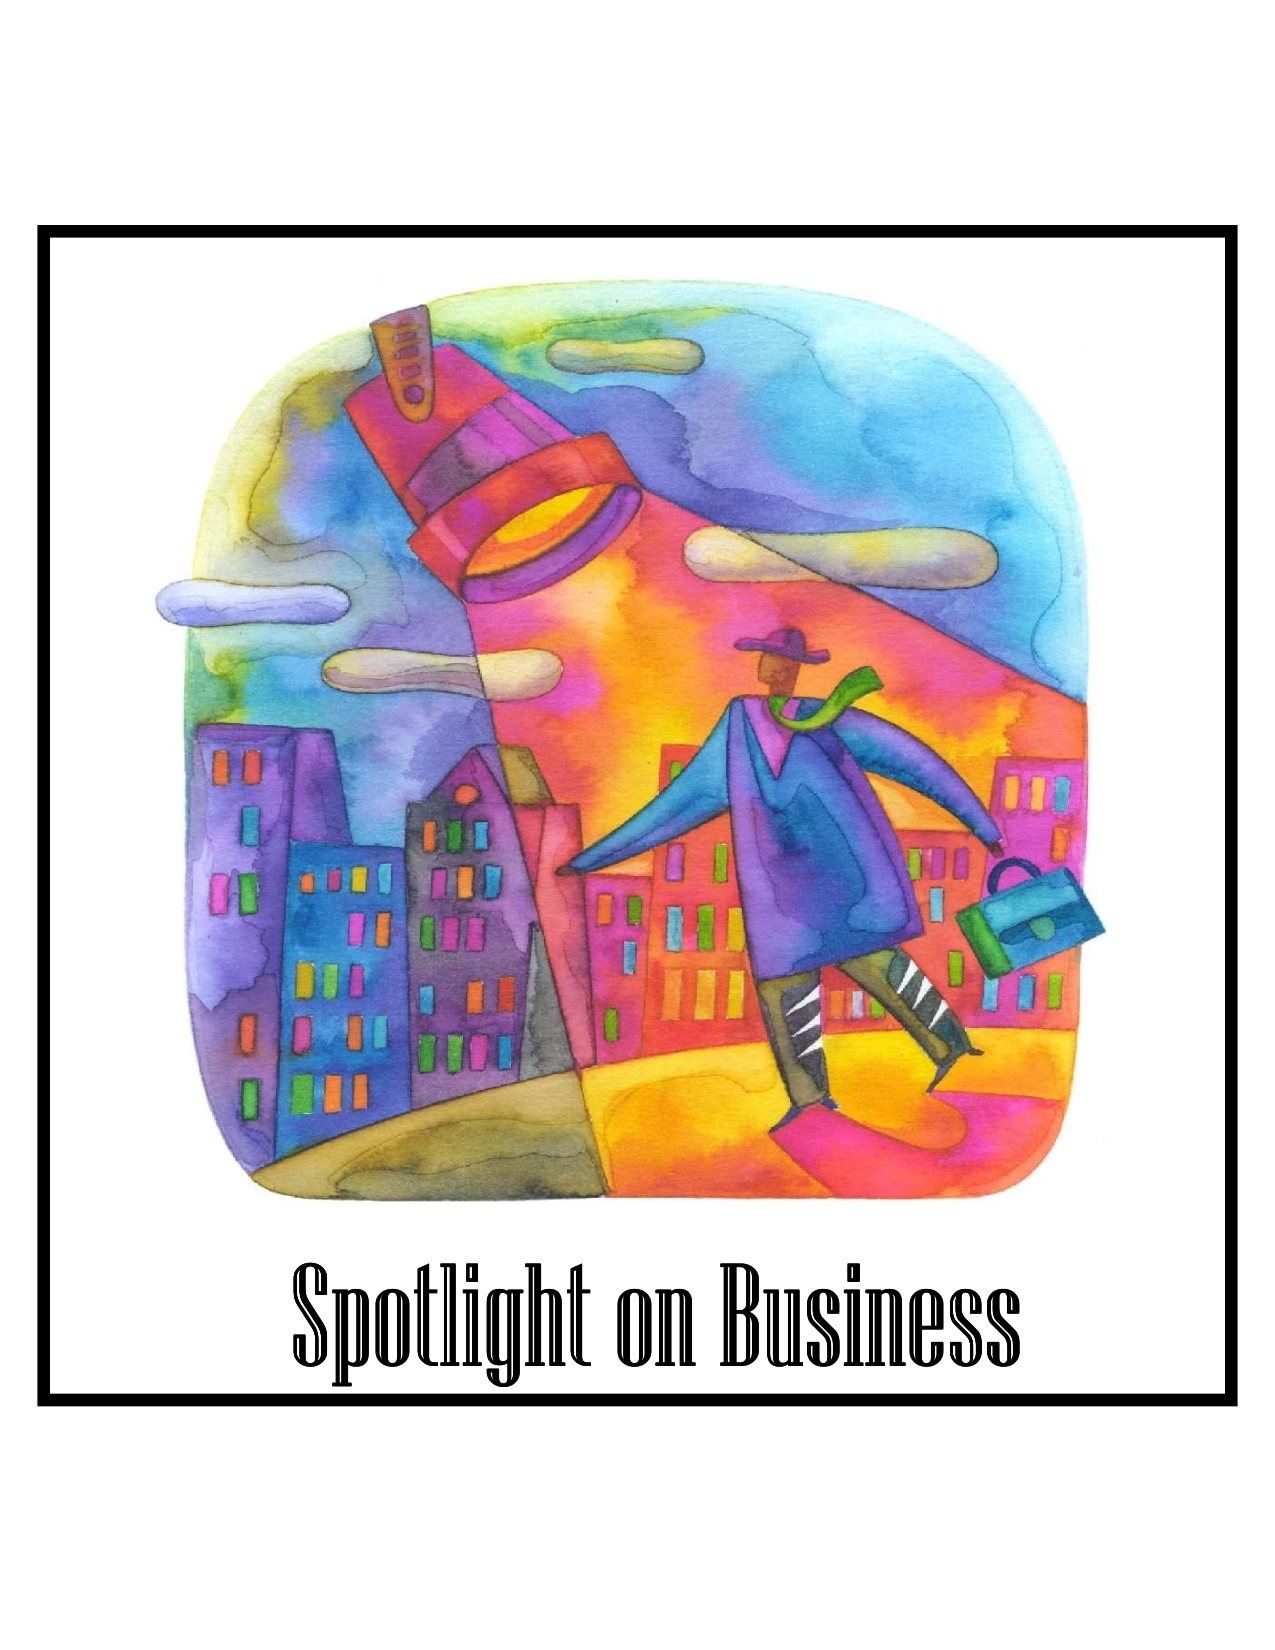 749392fb08290e34b97e_spotlight_on_business_graphic.jpg